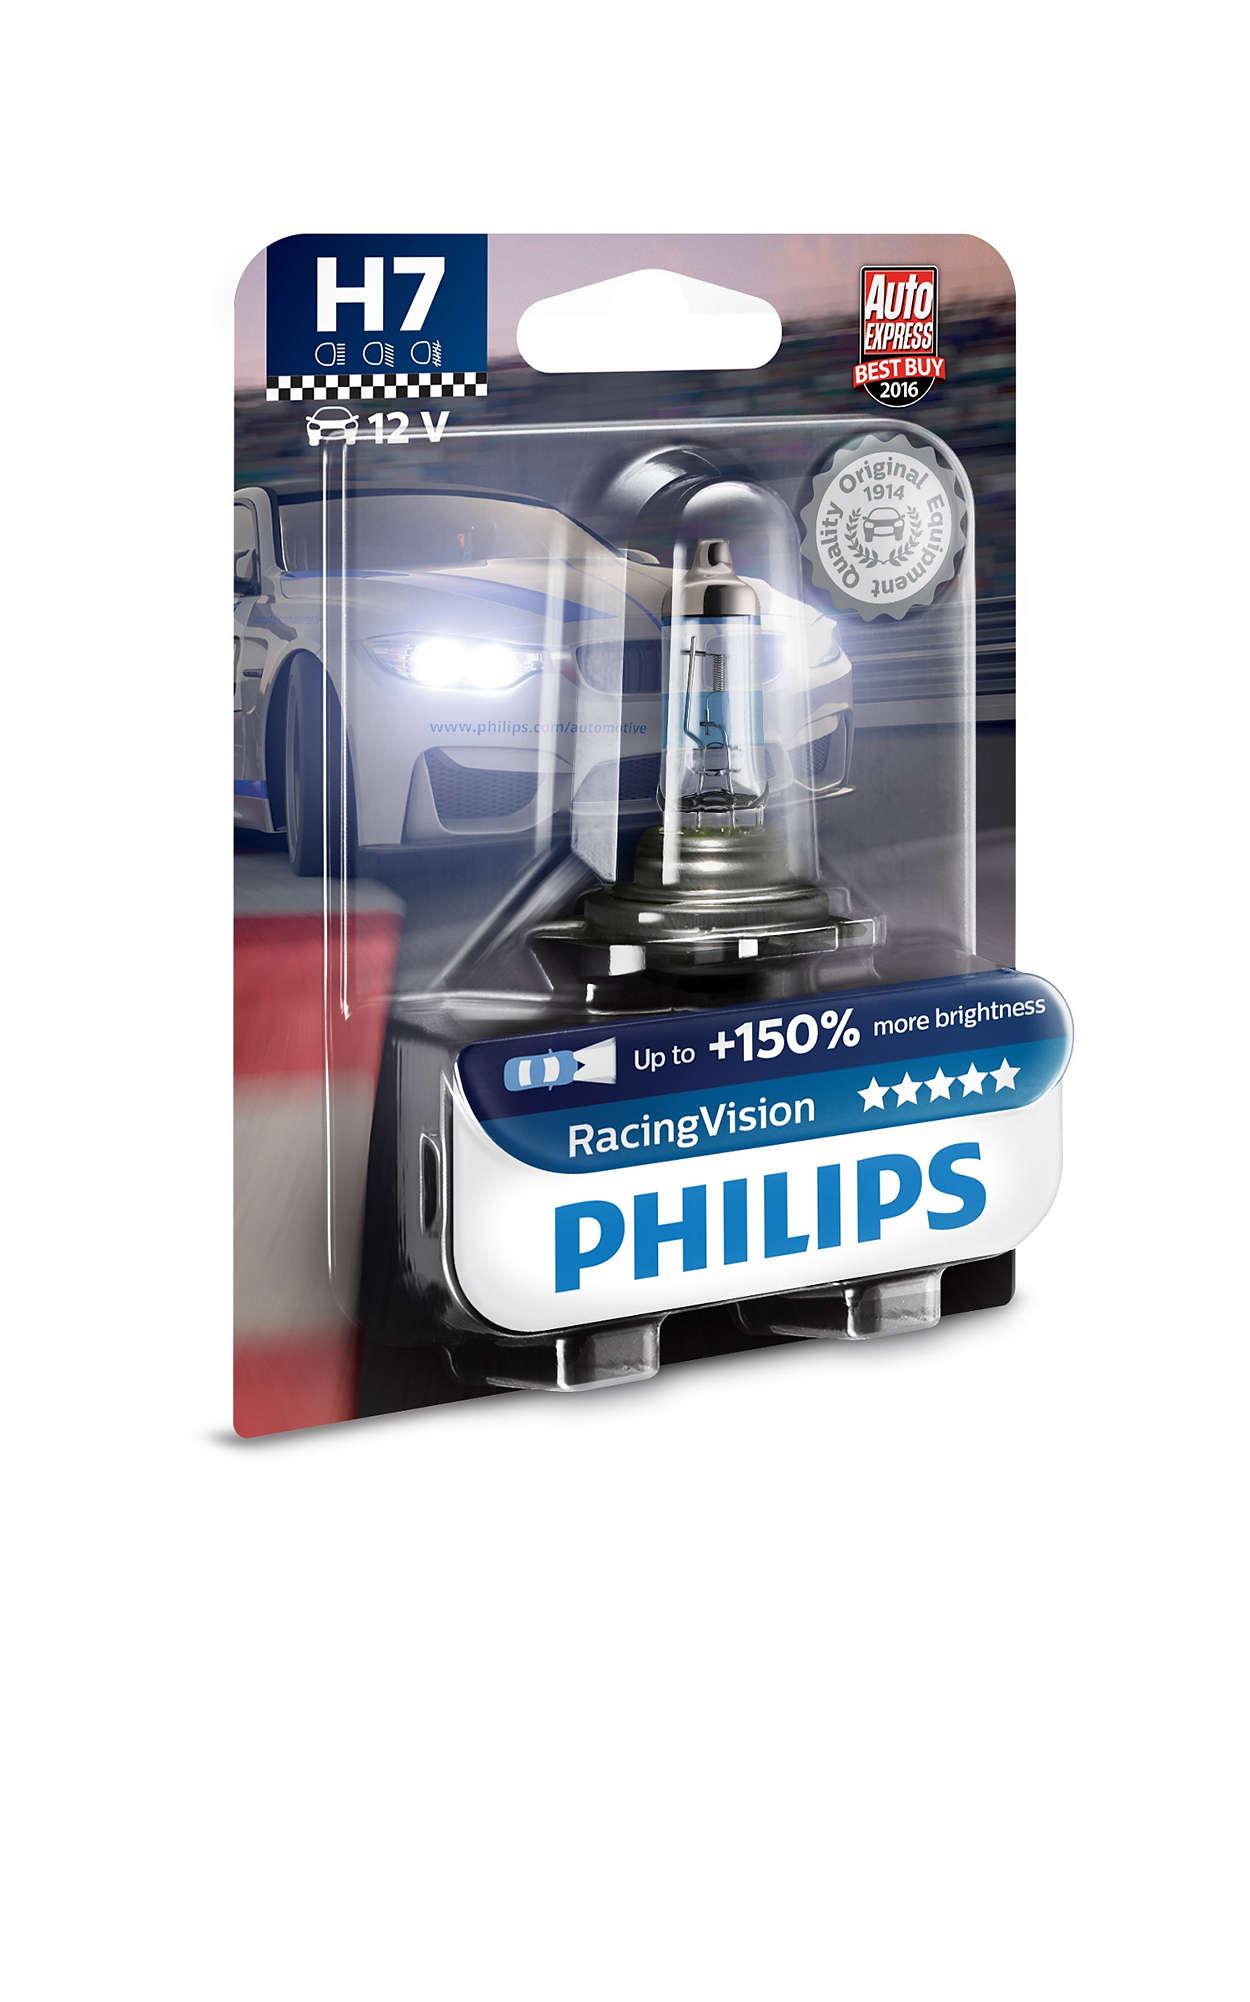 Tal vez la lámpara halógena más potente jamás creada